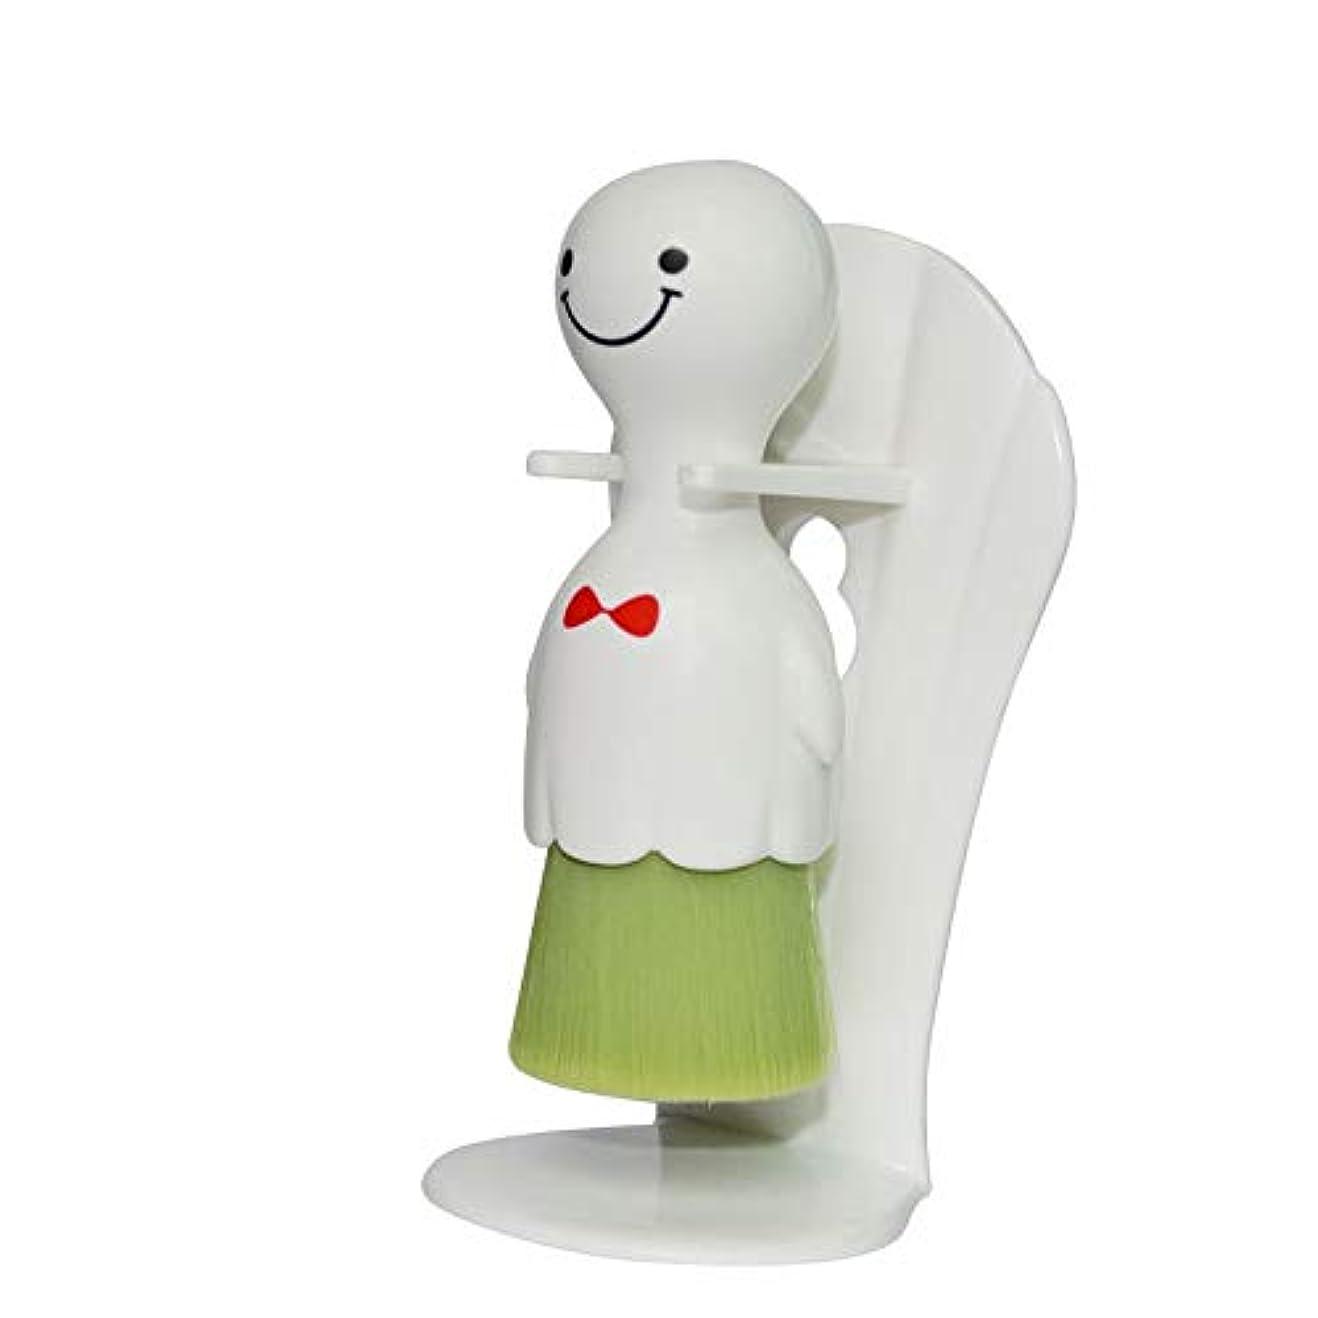 バナー変位オークLYX 吸盤タイプサニー人形クレンジングブラシビッグホワイトウォッシュブラシ海藻毛手動クリーニングツールスマイル (Color : 白)